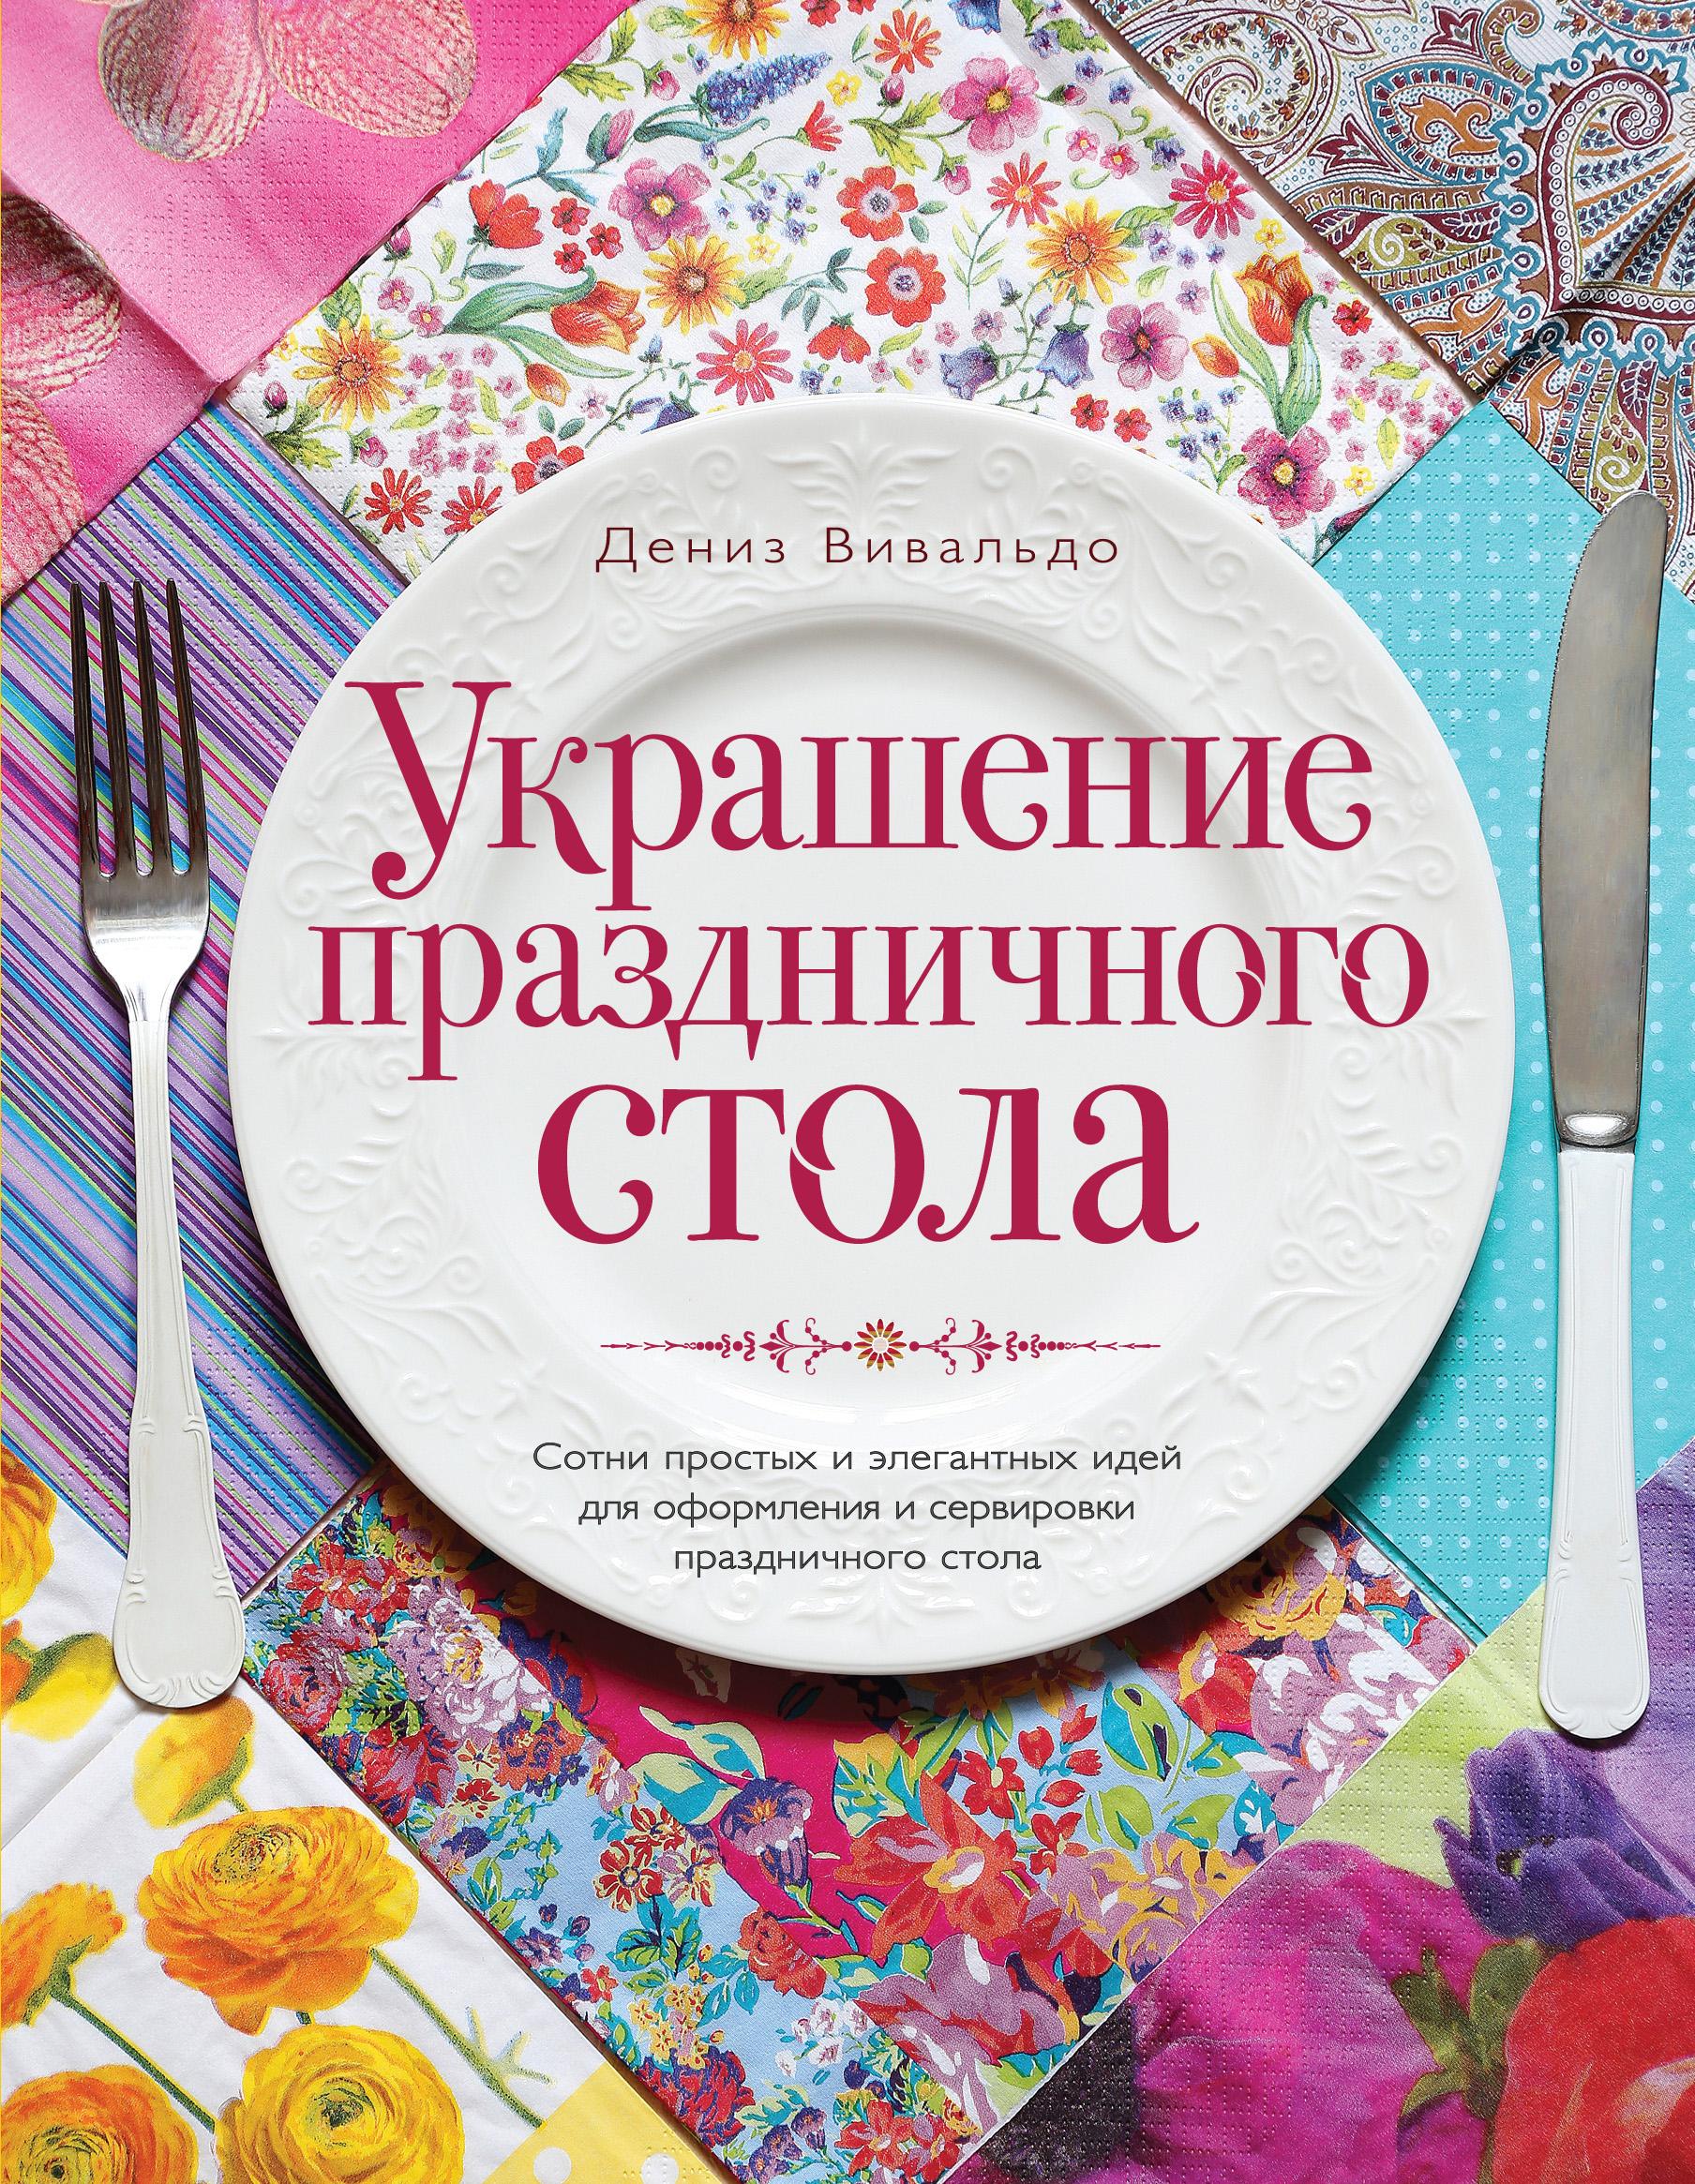 Украшение праздничного стола (оформление 2) (серия Кулинария. Зарубежный бестселлер) ( Вивальдо Д.  )